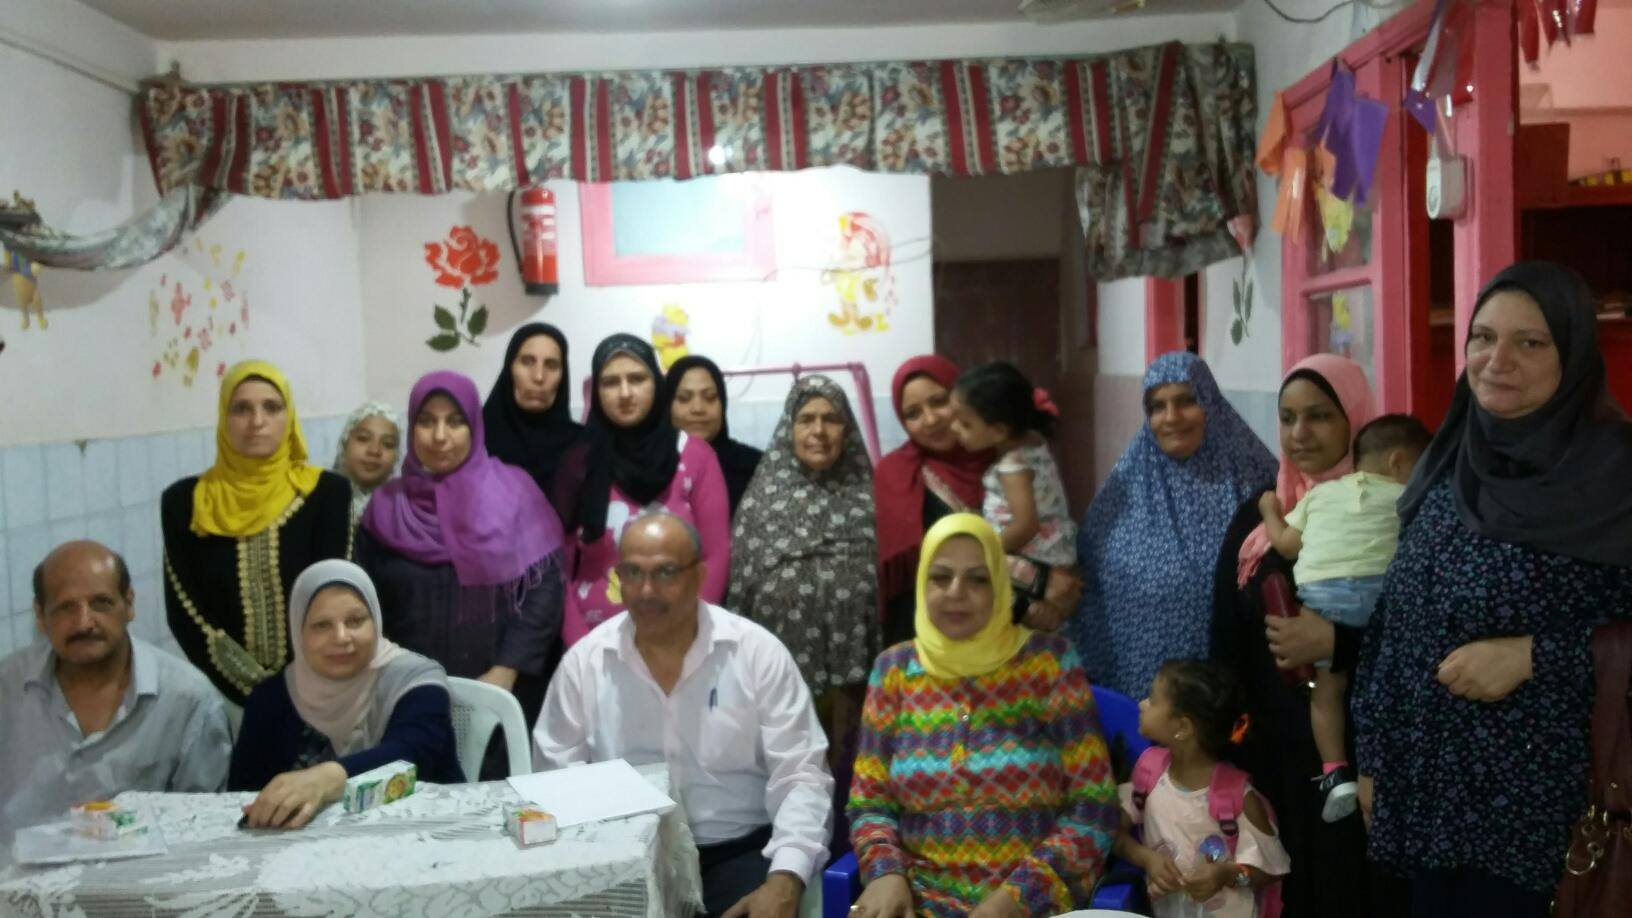 """""""صحة المرأة"""" ندوة في إطار المبادرة الرئاسية بغرب الاسكندرية"""